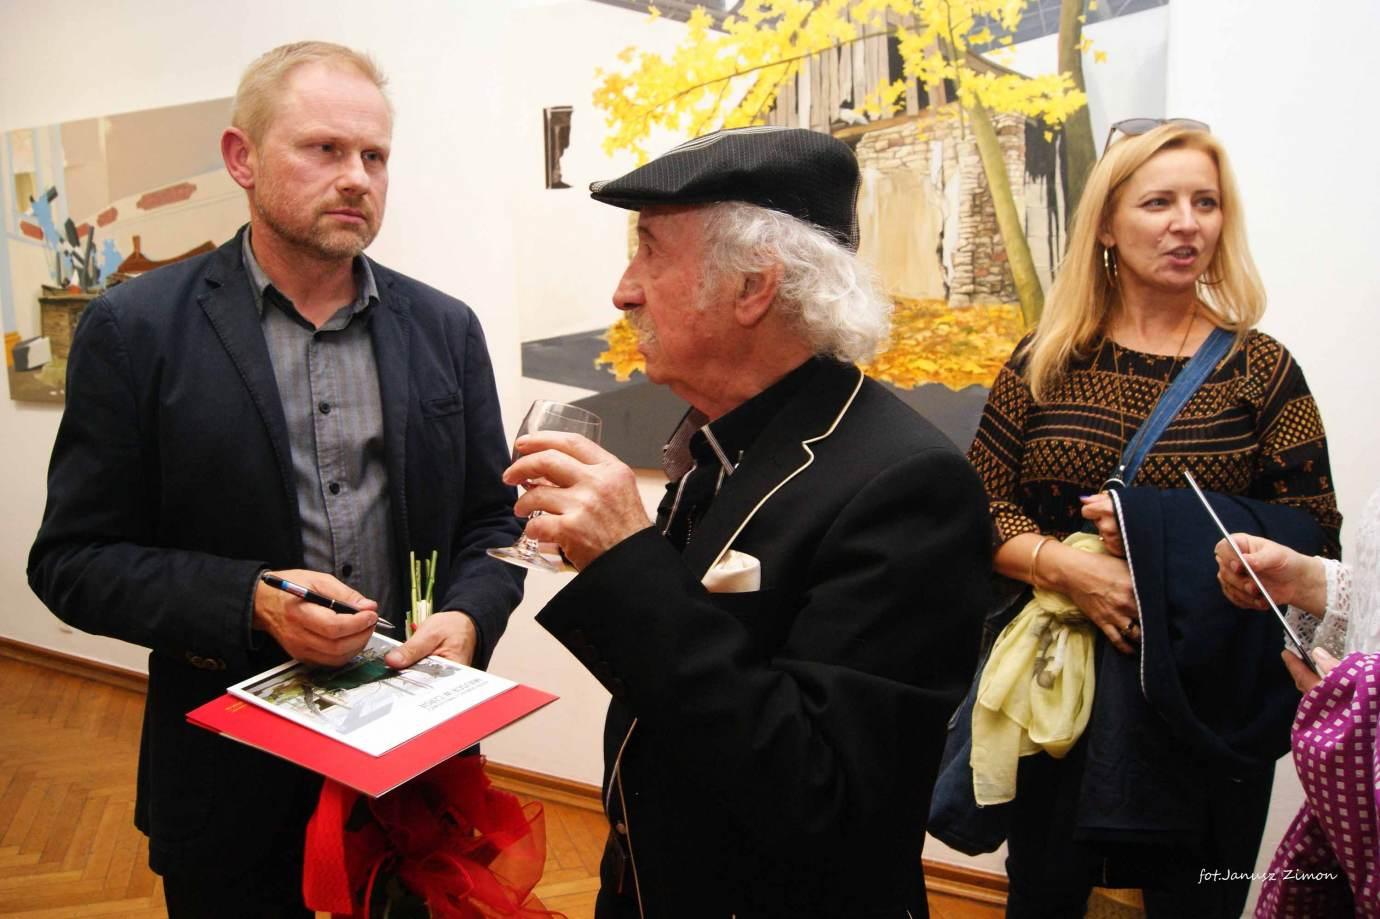 piotr tymochowicz bwa galeria zamojska fot janusz zimon 22 Zamość: Wernisaż wystawy Piotra Tymochowicza